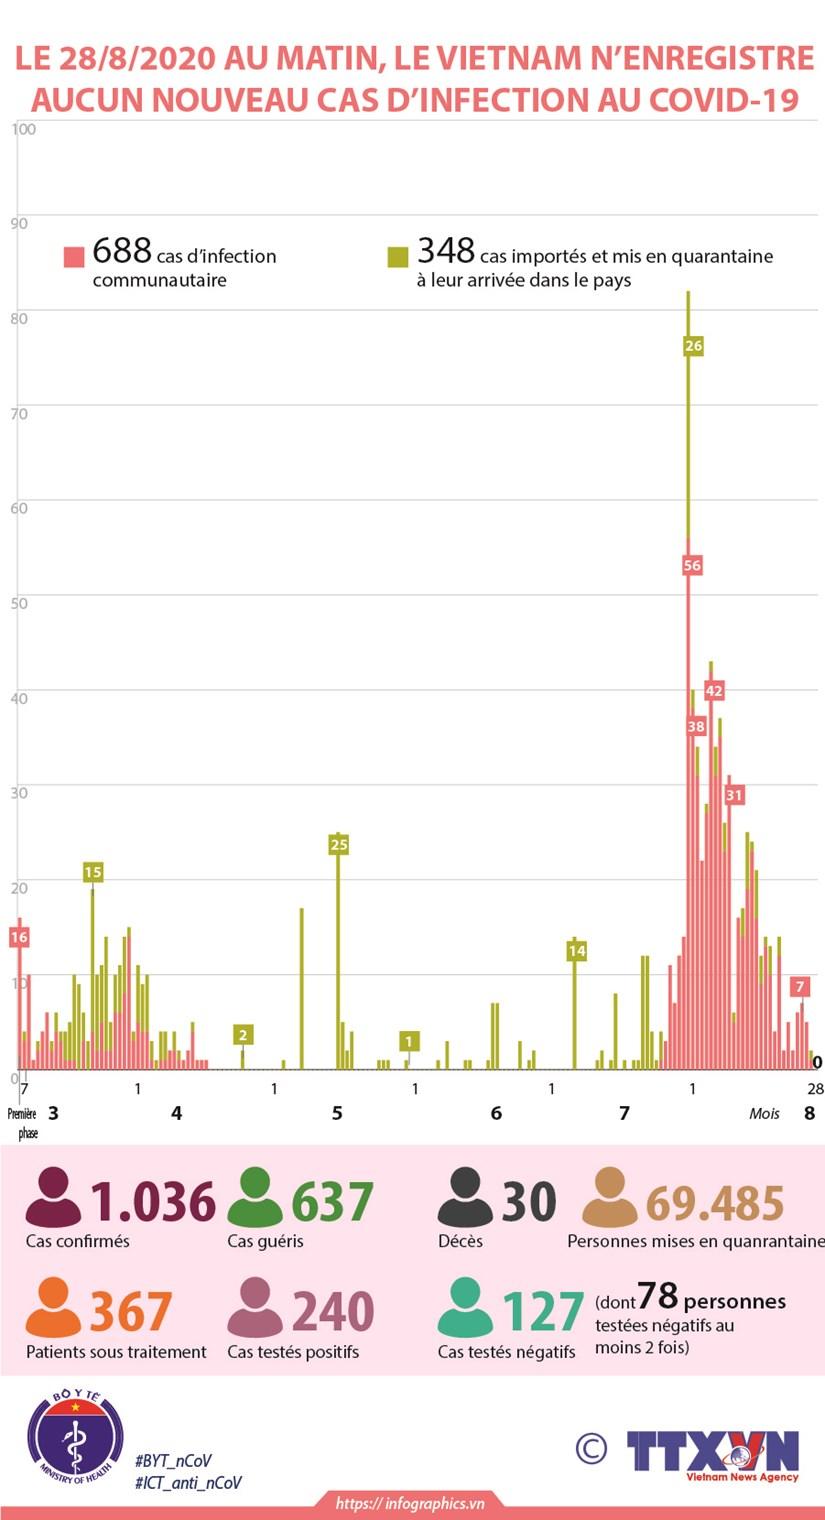 Le 28 aout au matin, le Vietnam n'enregistre aucun nouveau cas d'infection au COVID-19 hinh anh 1